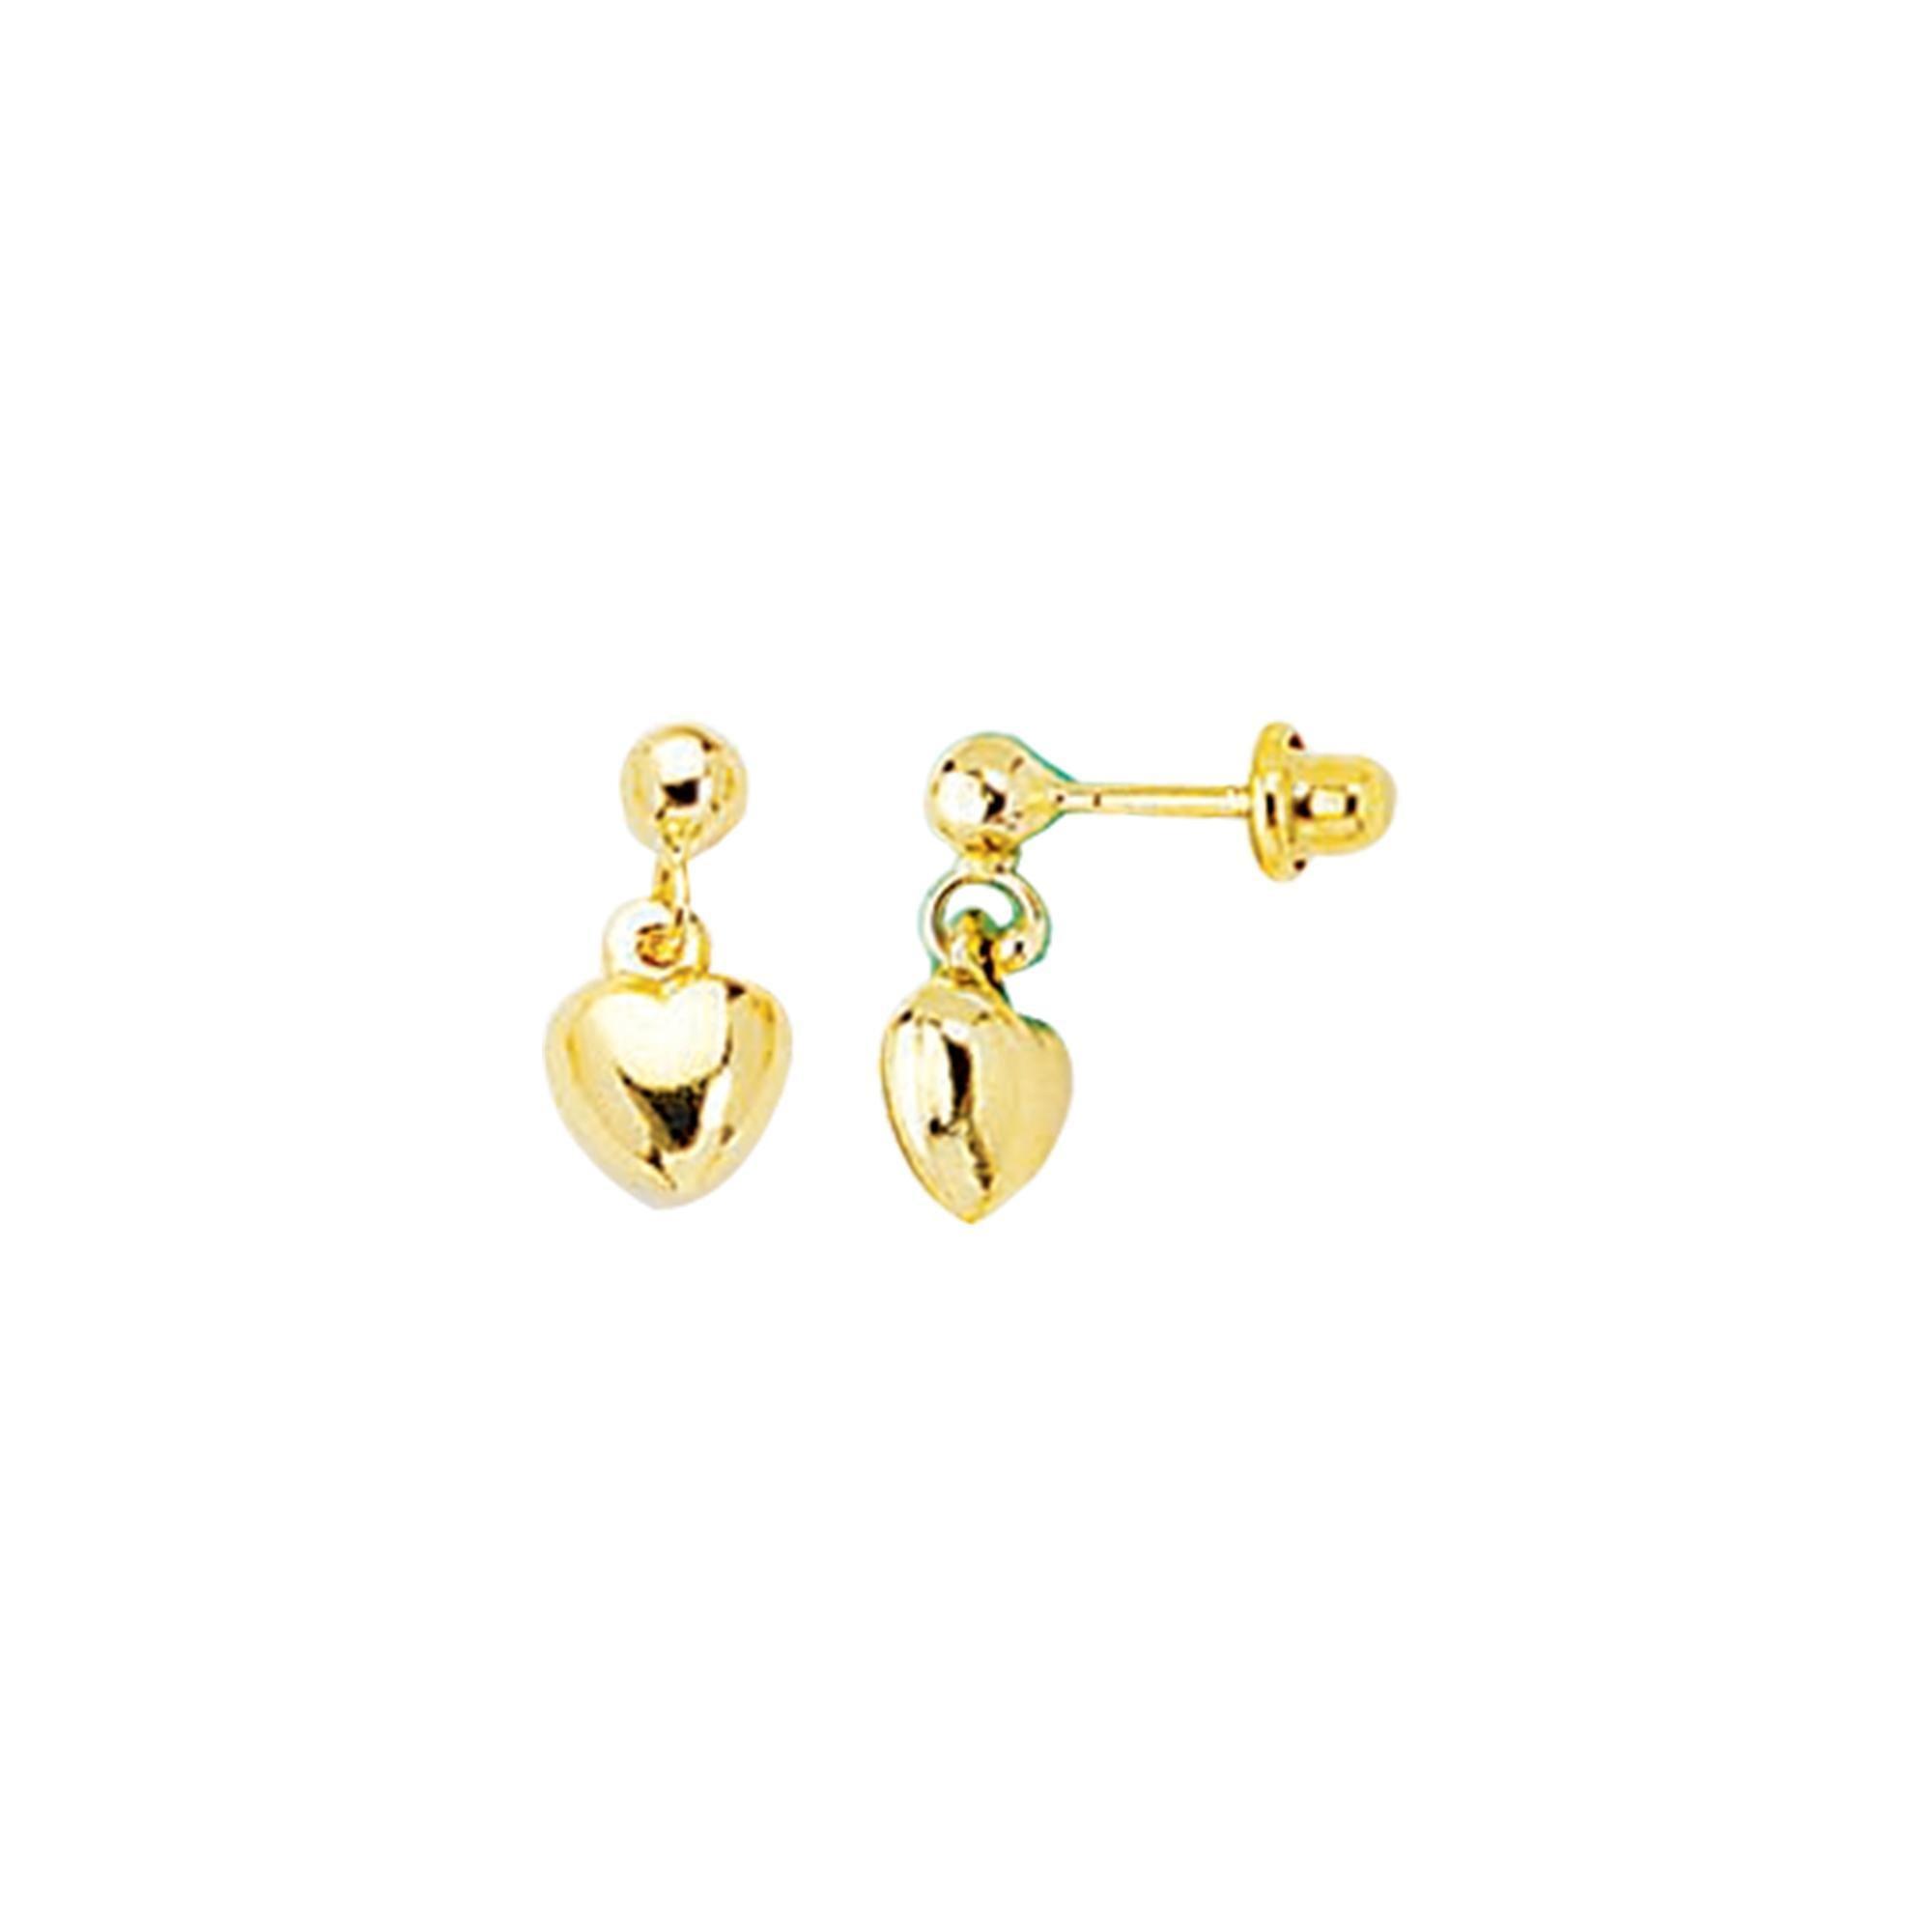 14k Yellow Gold Polish Finish Heart Girls Dangle Earring